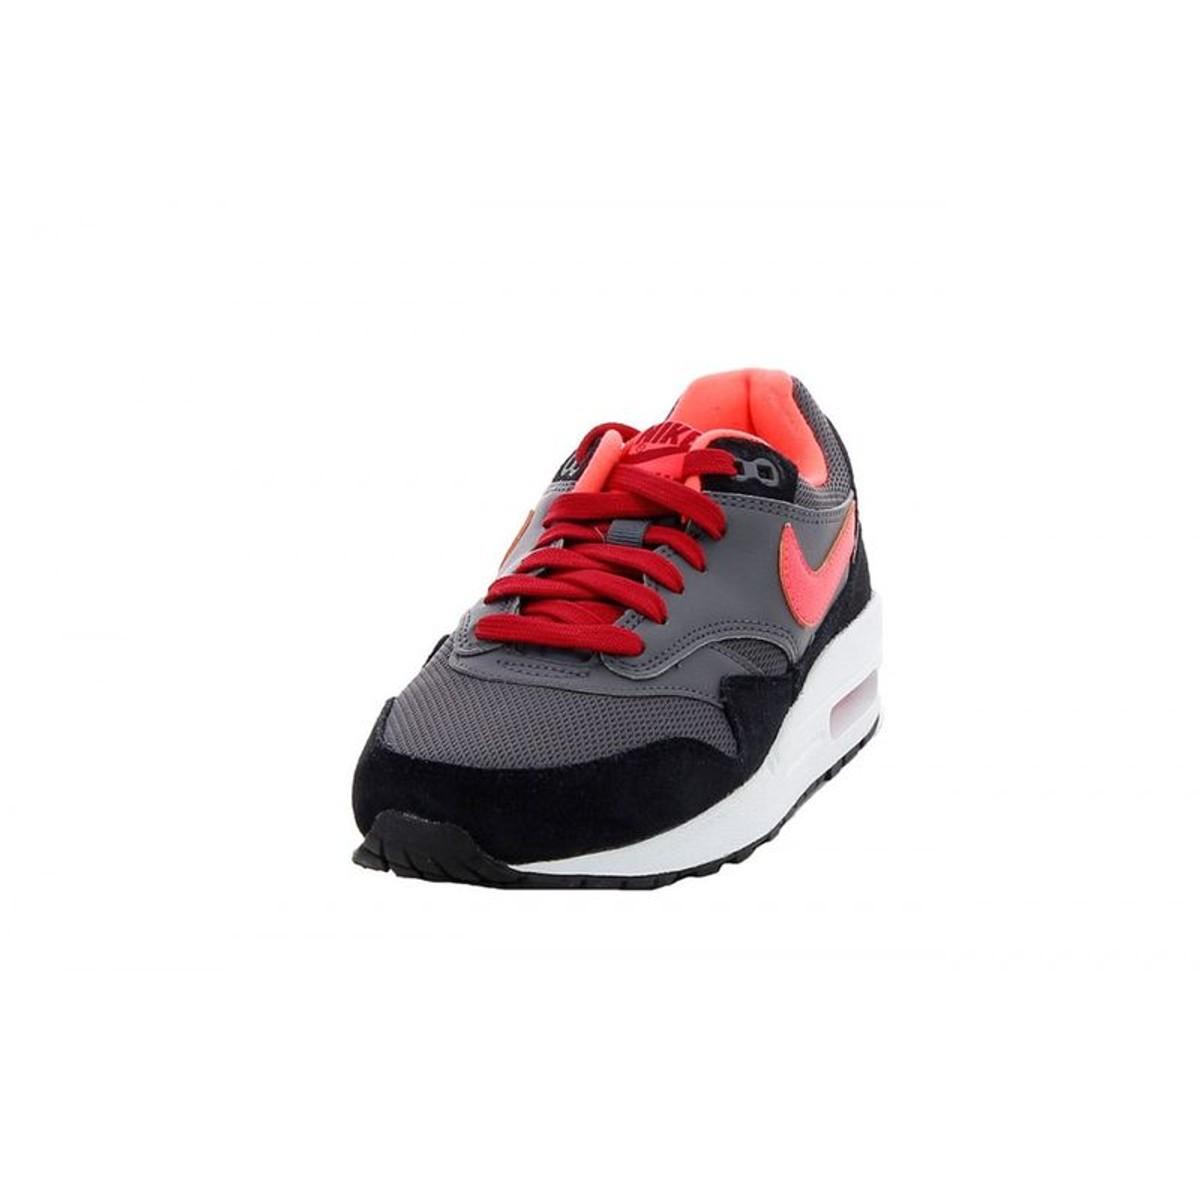 le dernier 7b5d8 7f83f Basket Nike Air Max 1 Junior - Réf. 555766-044 - Taille : 36 ...